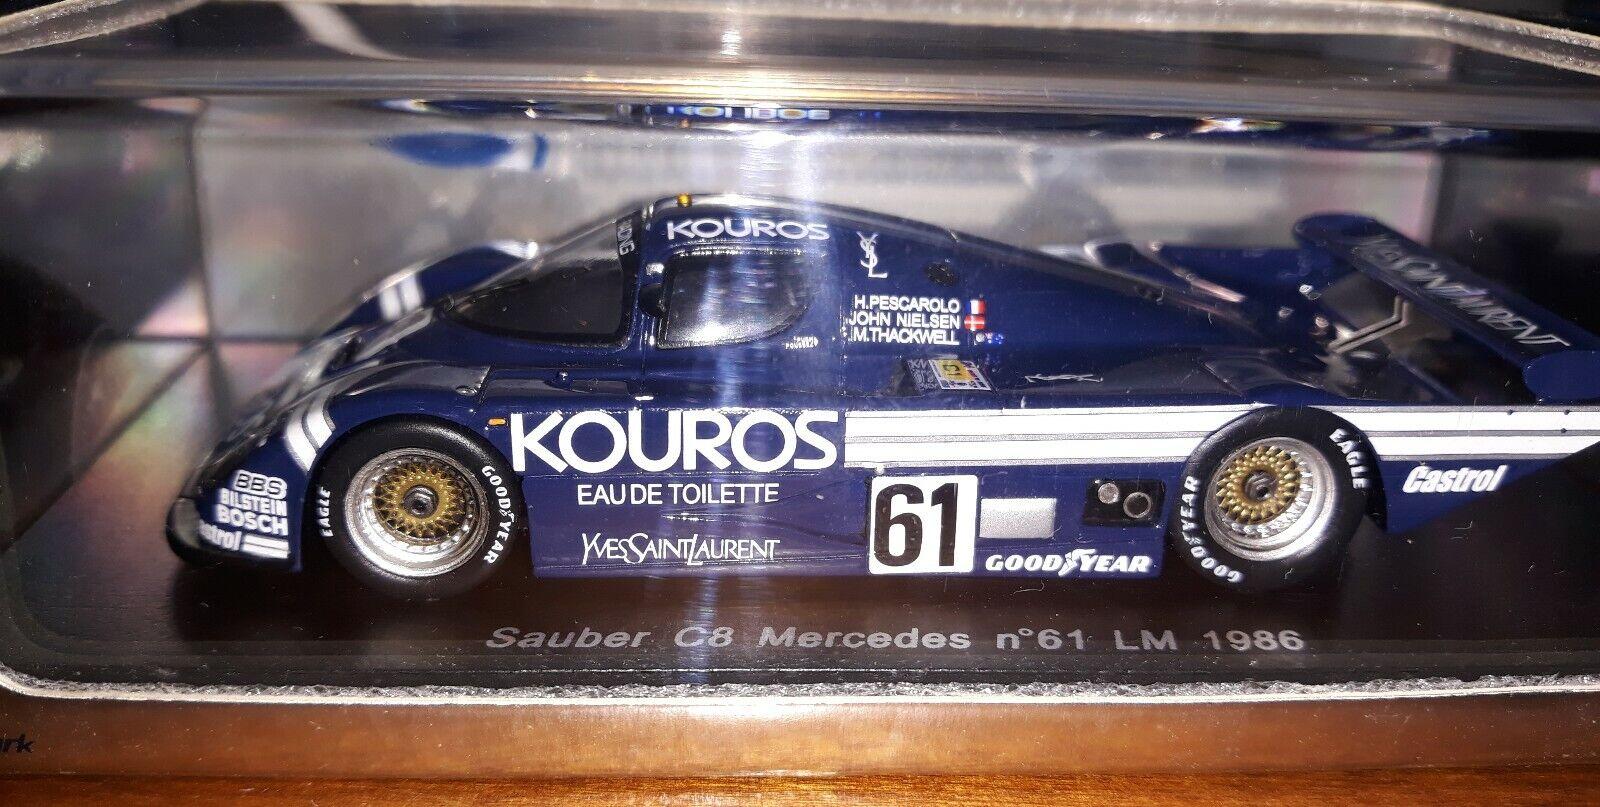 Spark 1 43 Sauber C8 Mercedes  61  Le Mans 1986 S1259  en bonne santé